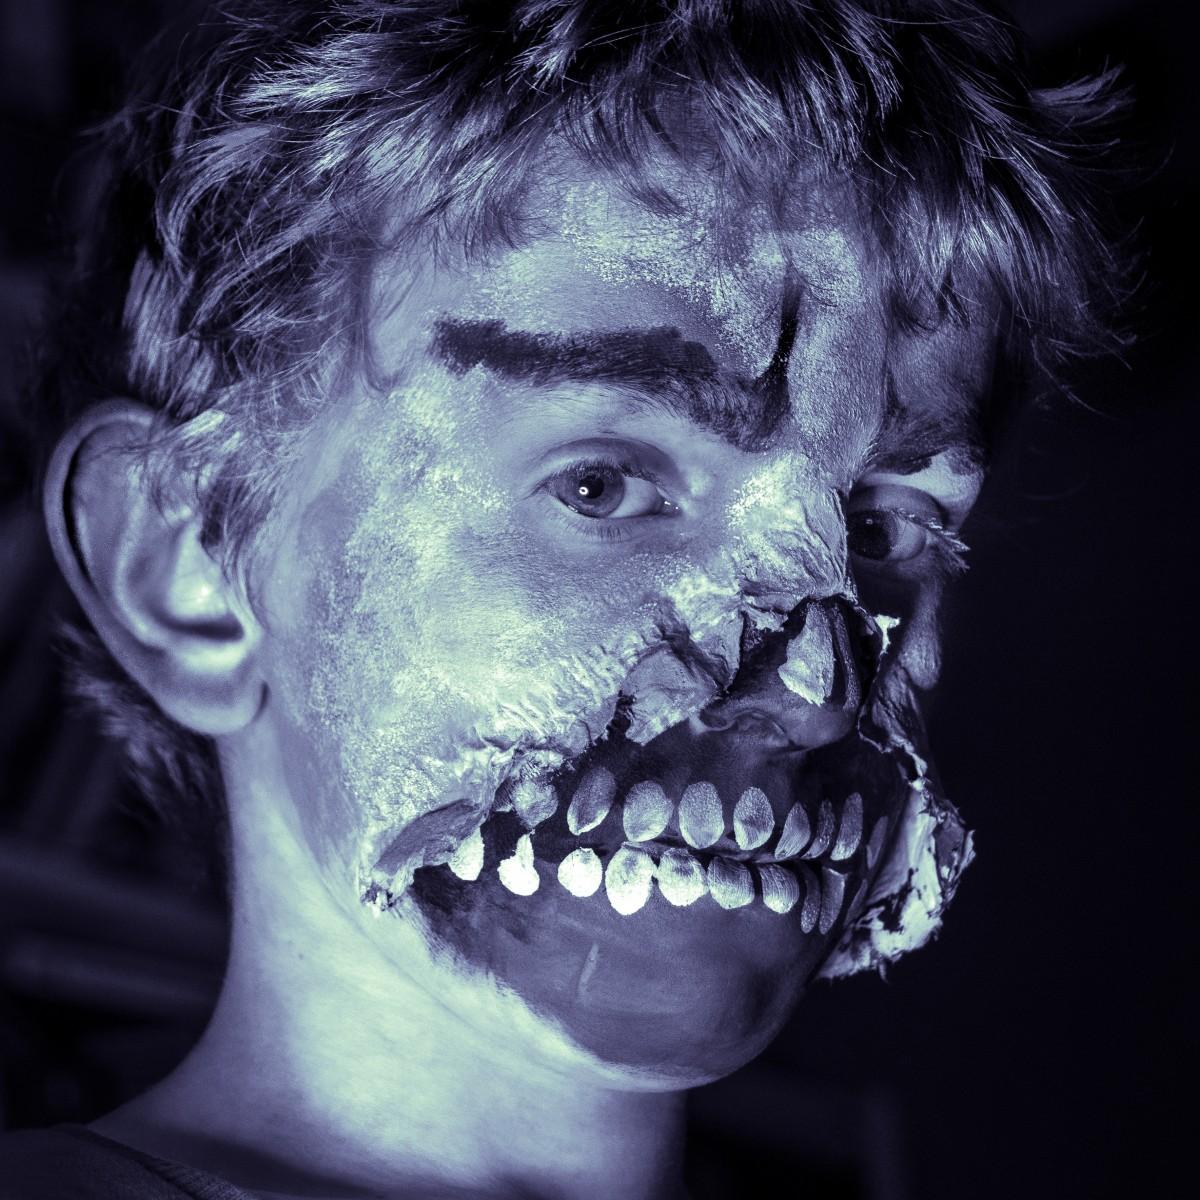 Images Gratuites Noir Et Blanc Portrait Halloween Enfant Obscurit Monochrome Bouche